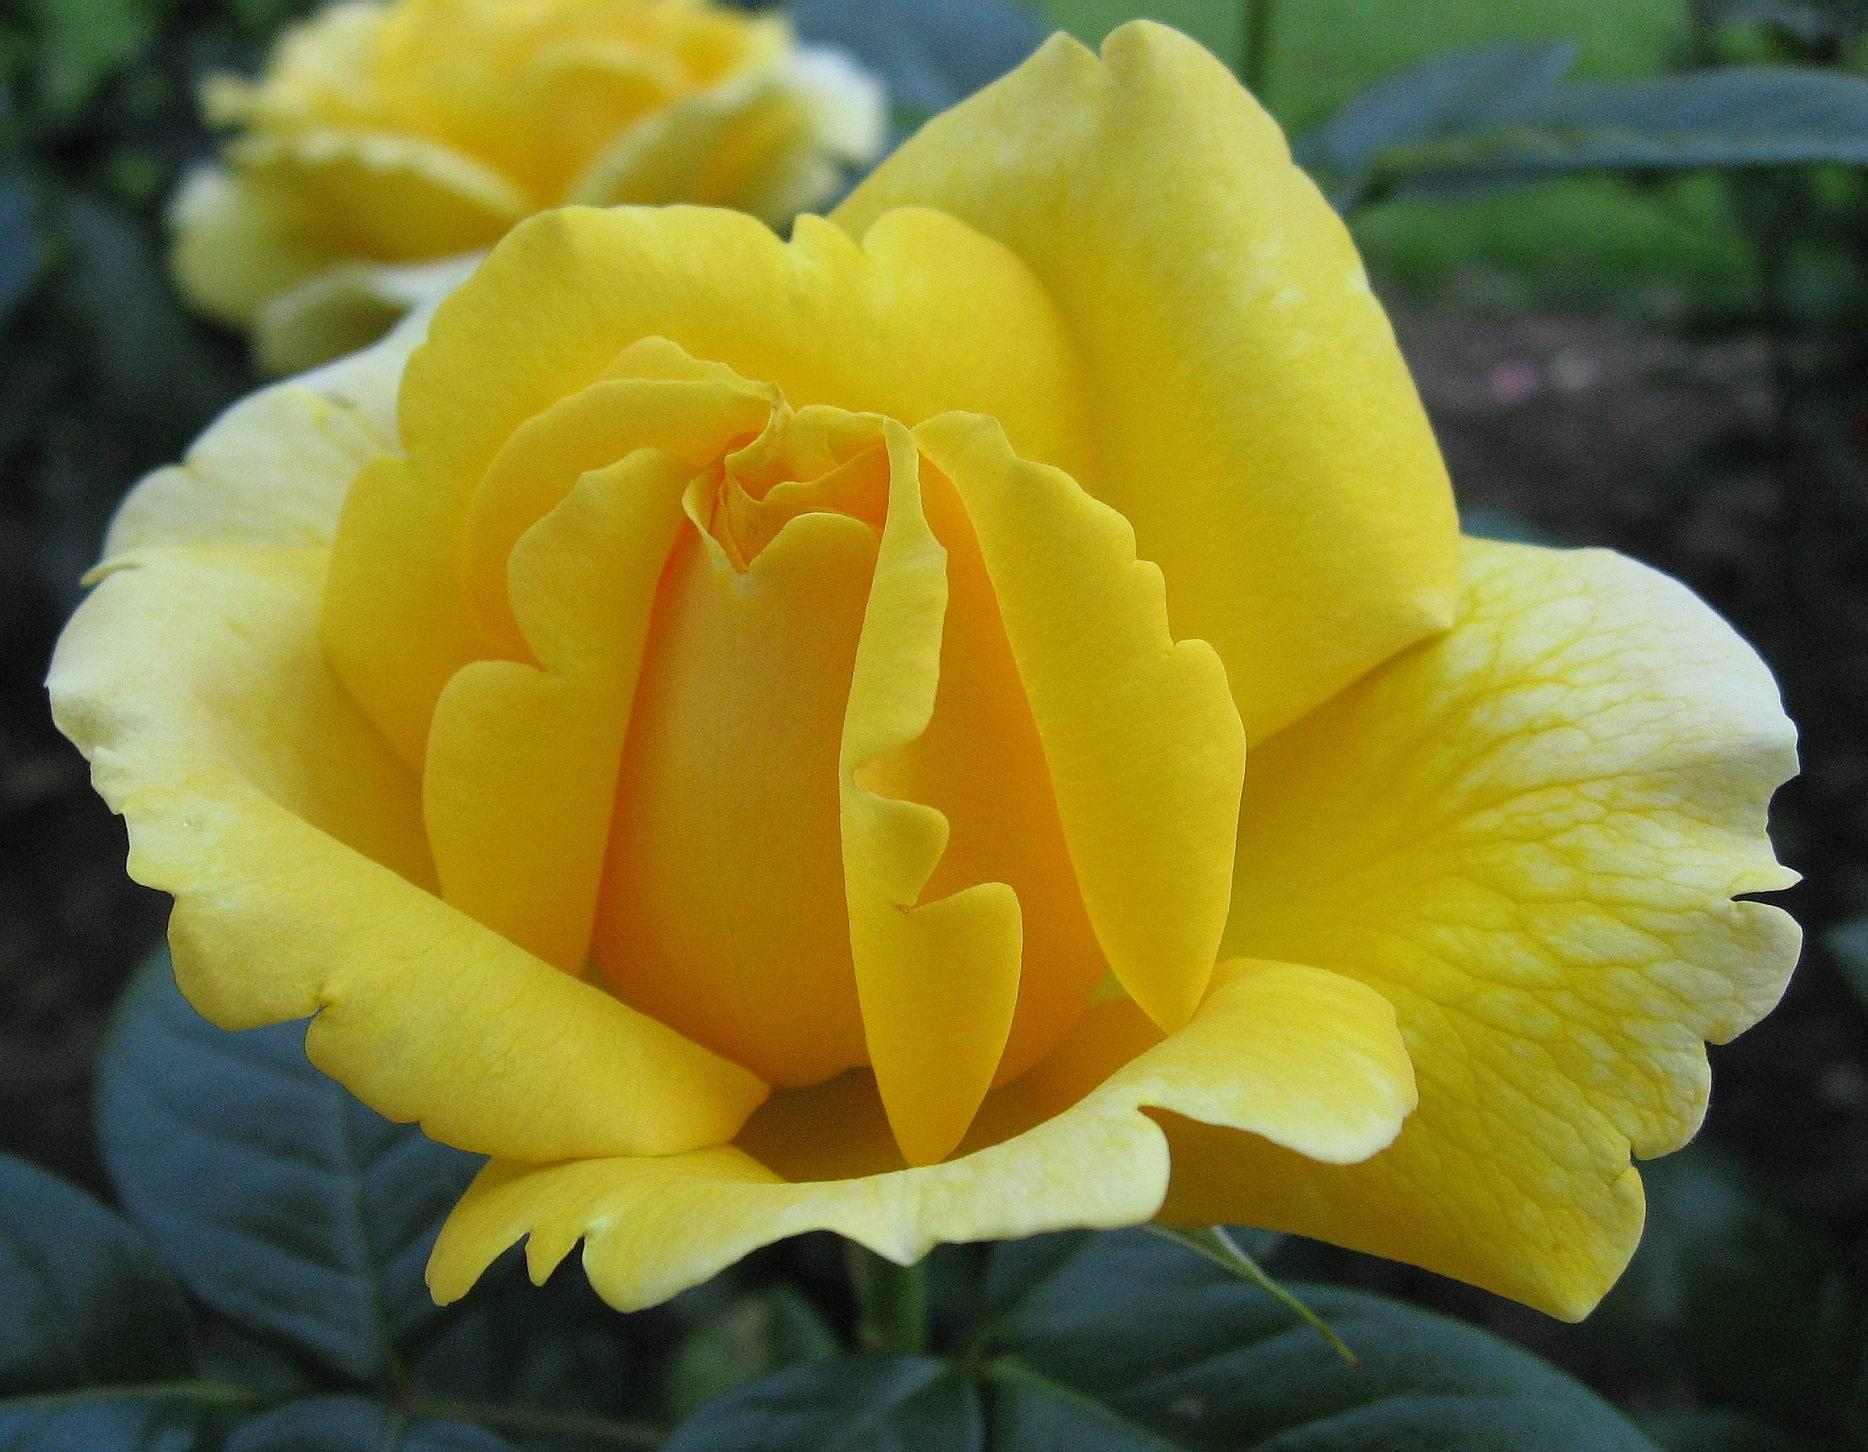 بالصور اجمل ورود العالم , صور لجمال و طبيعه الورد 247 8